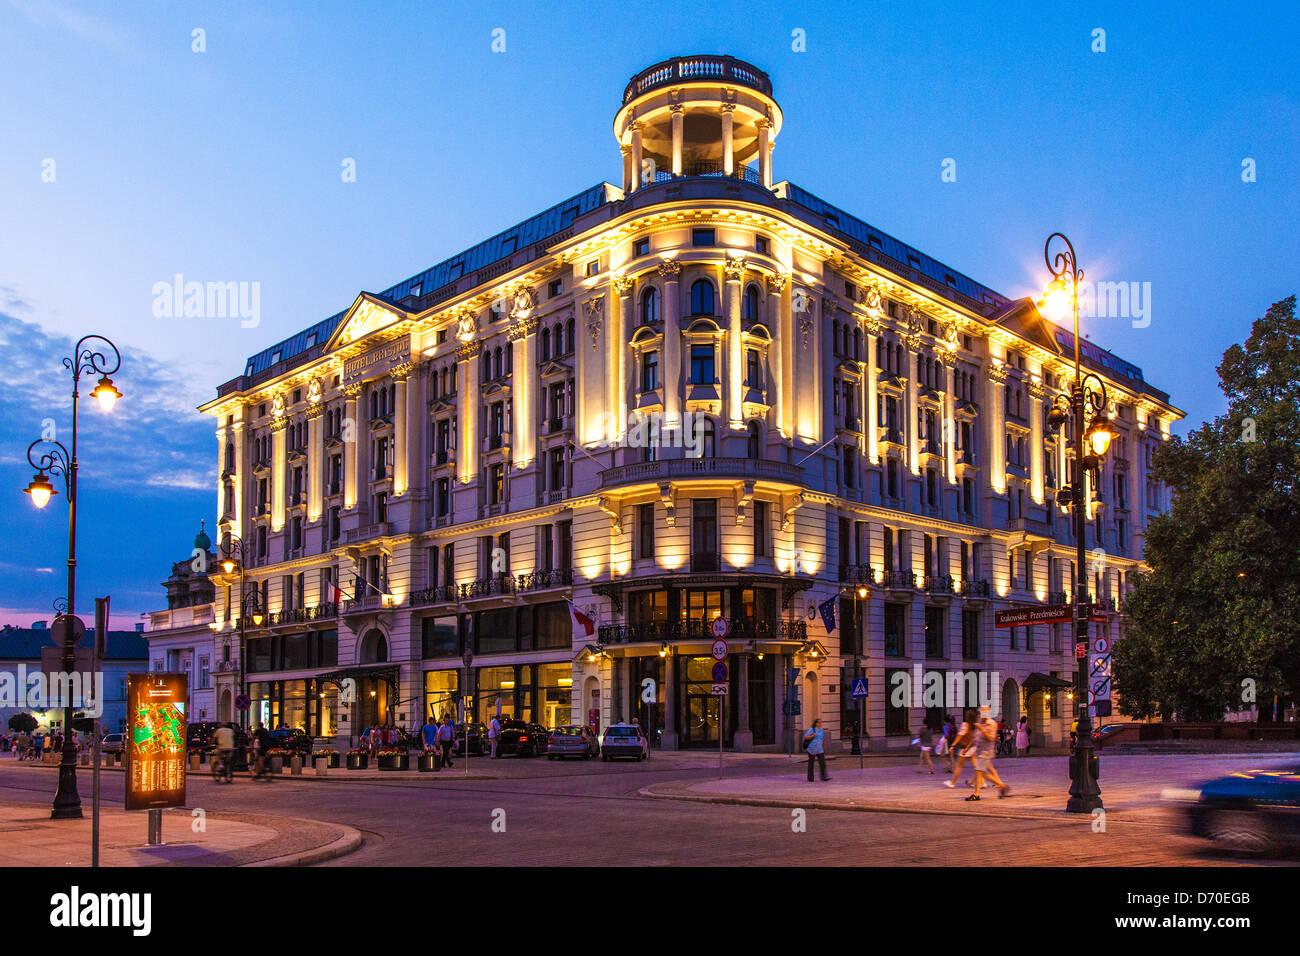 The 5 star Hotel Bristol in the Krakowskie Przedmiescie in Warsaw, Poland. - Stock Image